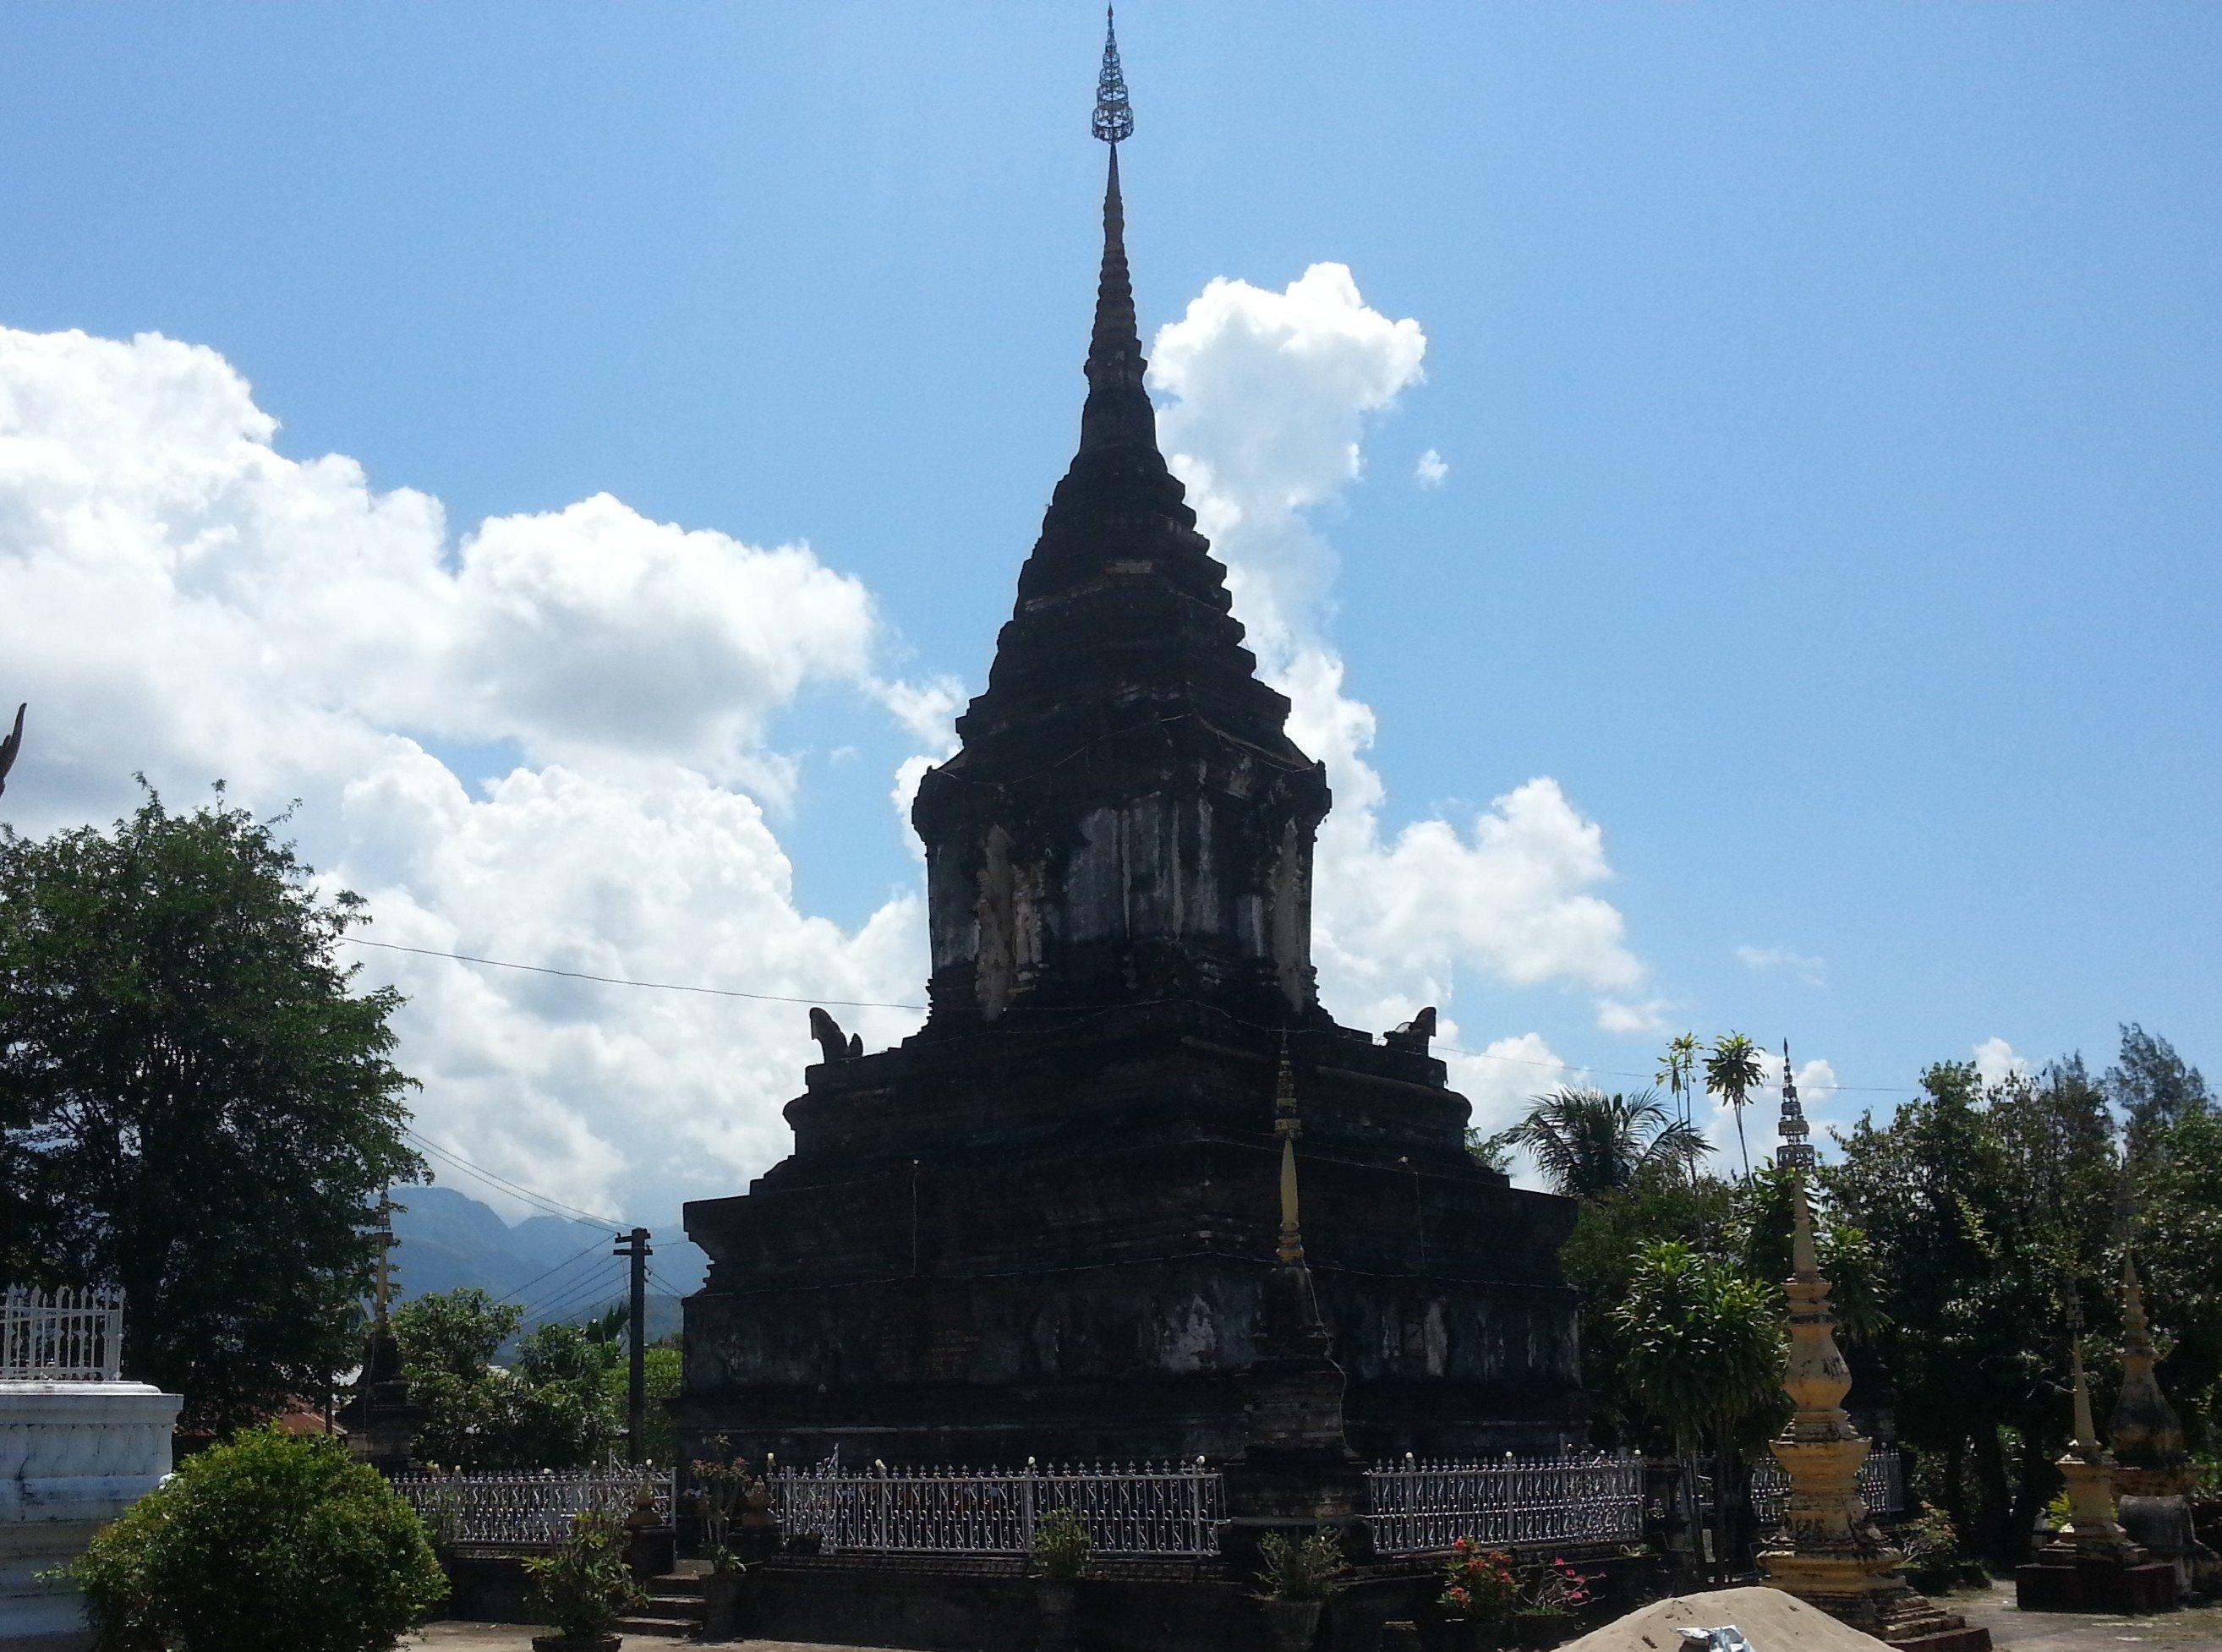 Stupa at Wat Mahathat